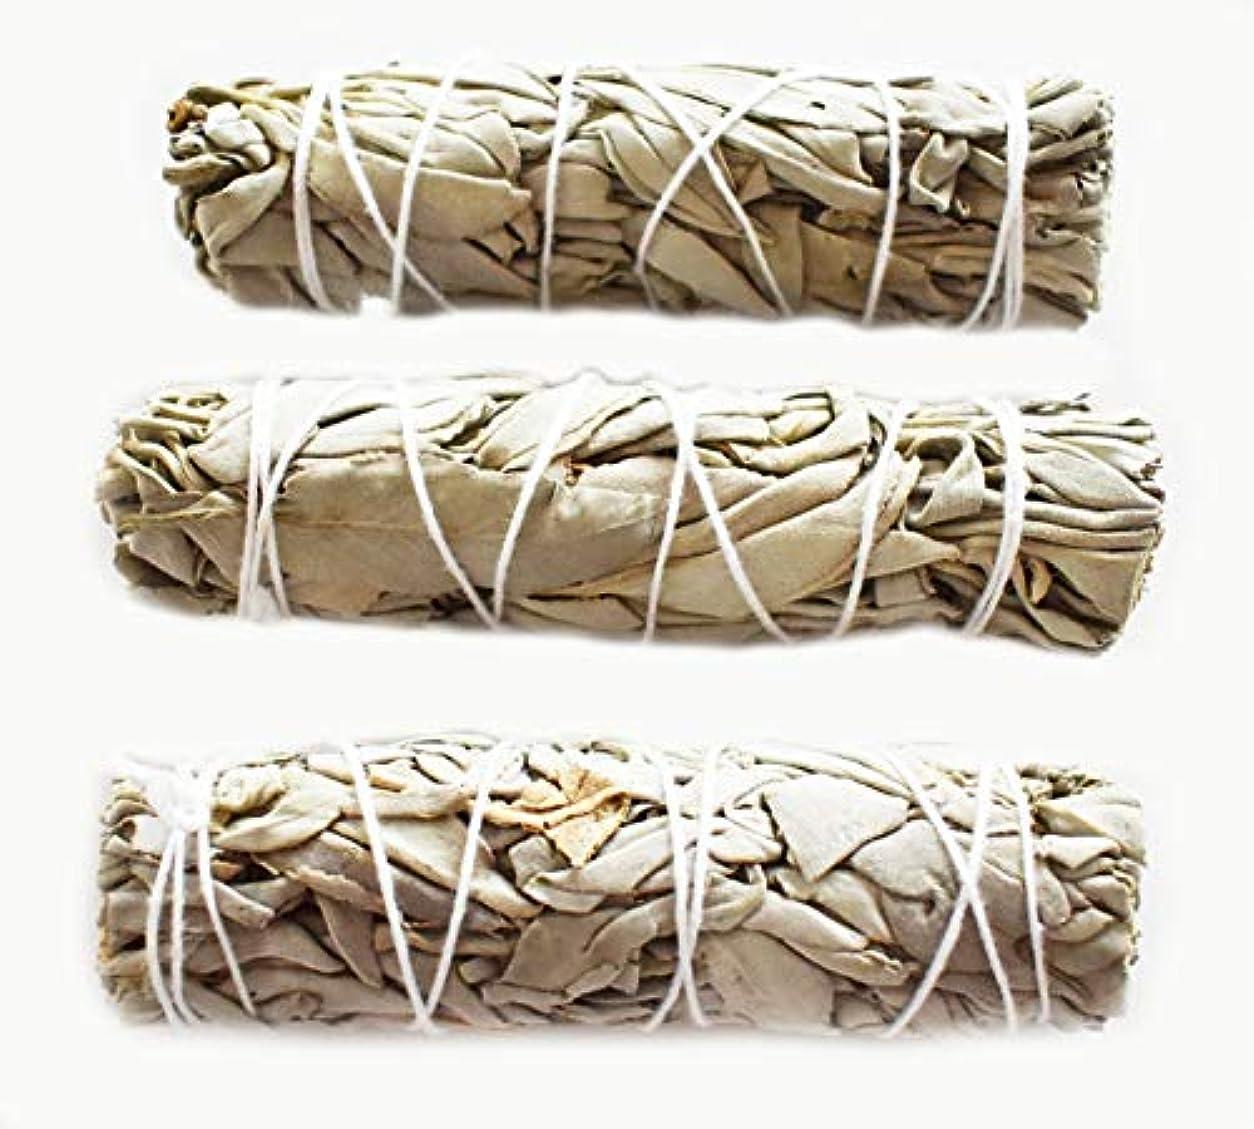 フライカイト口ひげ危険3つのセット( 3 )ホワイトセージMini Sticks for Smudging Ceremony正エネルギー& Purification